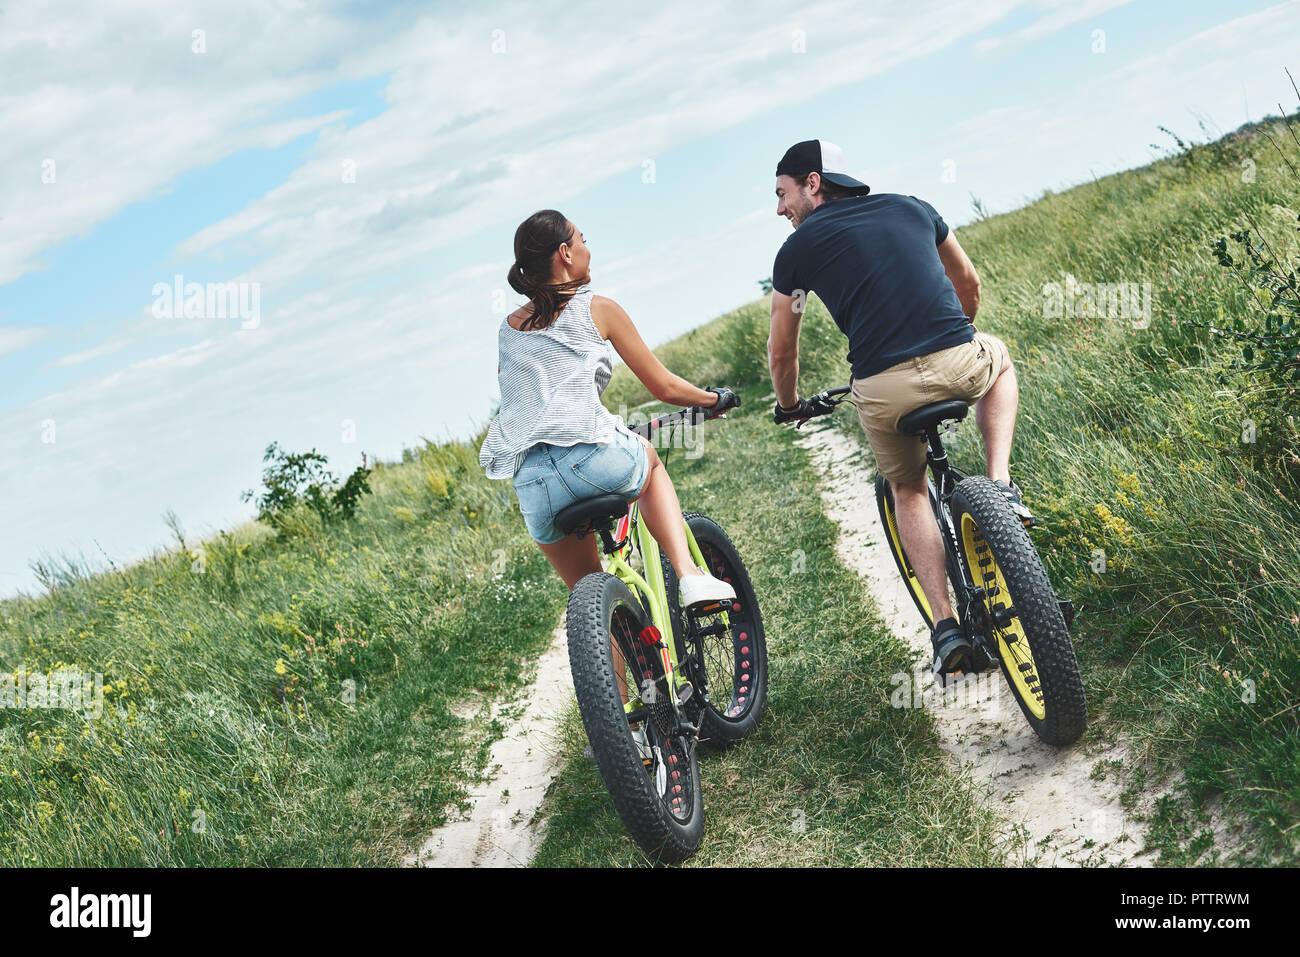 Pantalones Cortos Pantalones Cortos Para Hombres De La Montana En Bicicleta Lavado Rueda Del Algodon De Gel Con Relleno Taquilla Sentado Secado Rapido Transpirable Bicicleta De Montana Cuesta Abajo Pantalon Corto Cortos